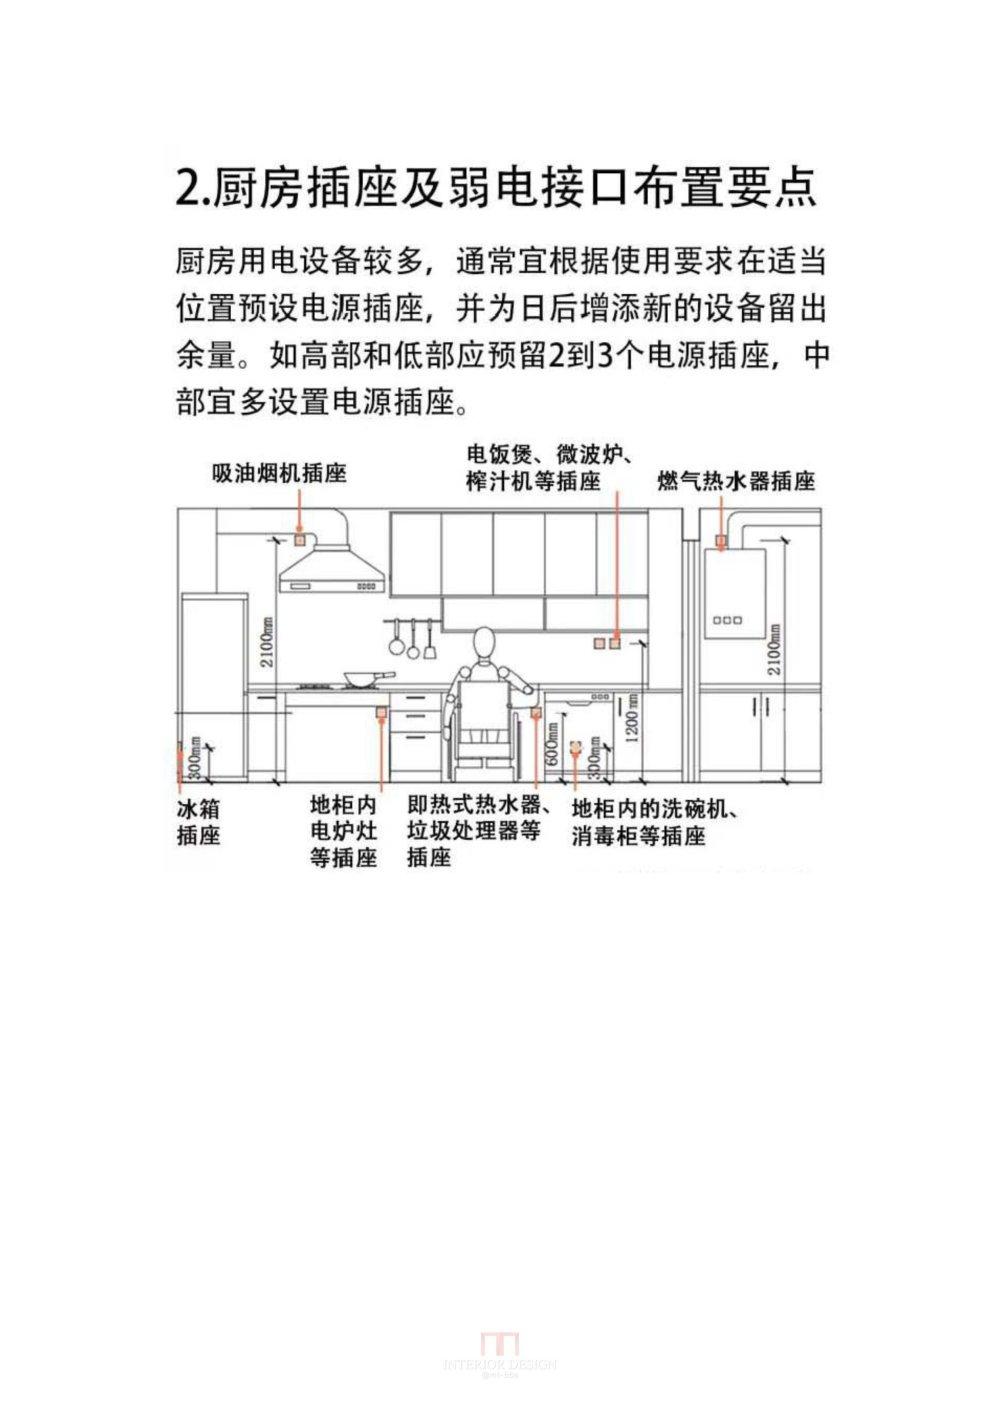 设计师必读:老年住宅中的细节设计(经典)_111 (17).jpg